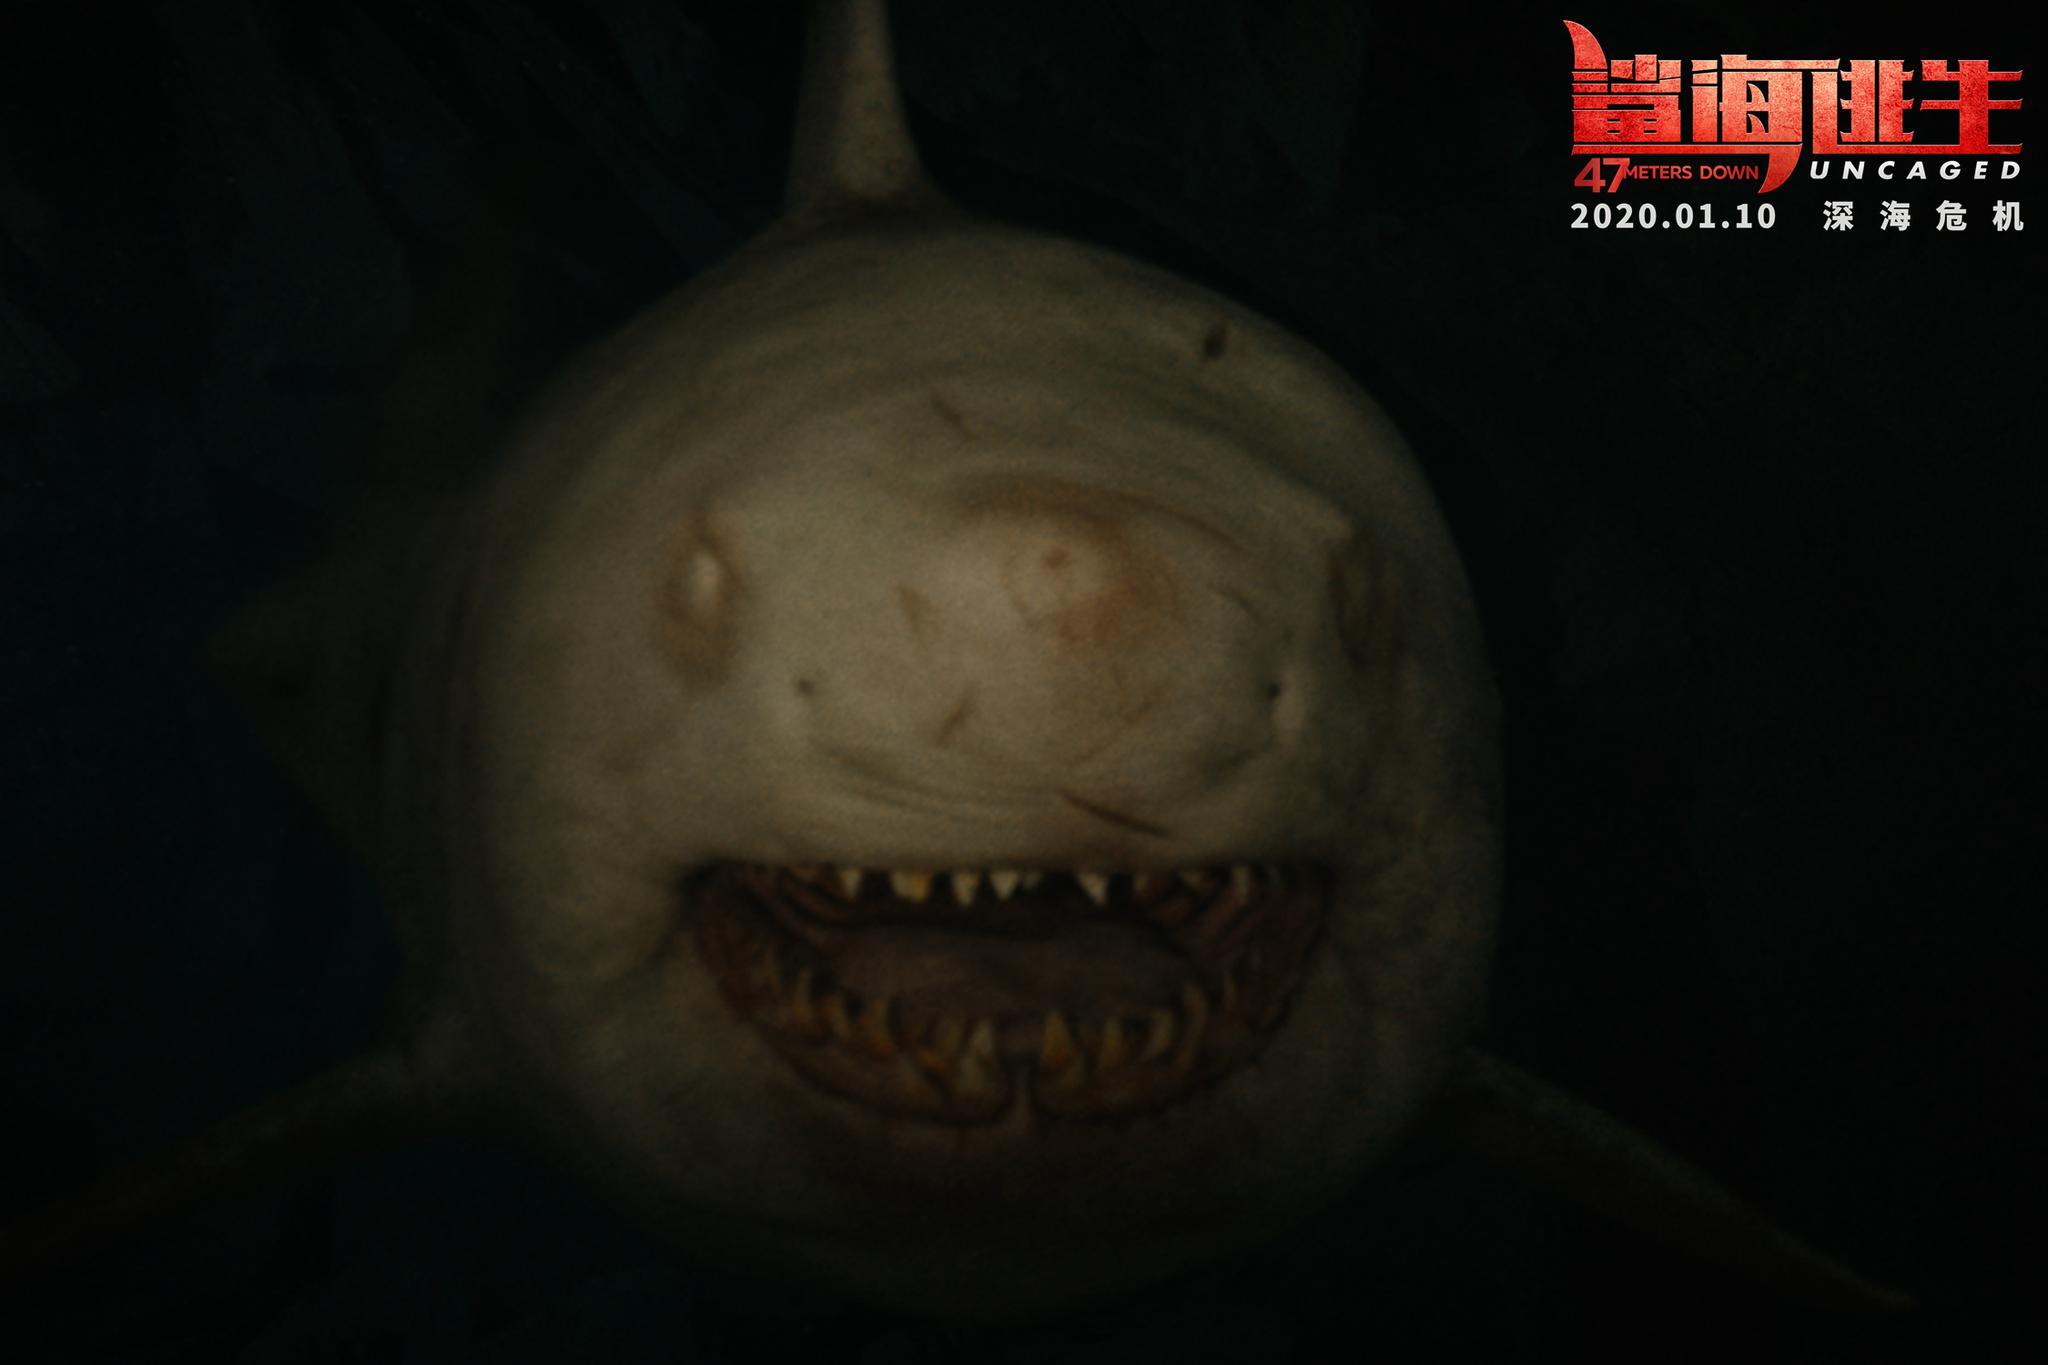 《鲨海逃生》今日震撼上映  四大看点精彩纷呈刺激到爆